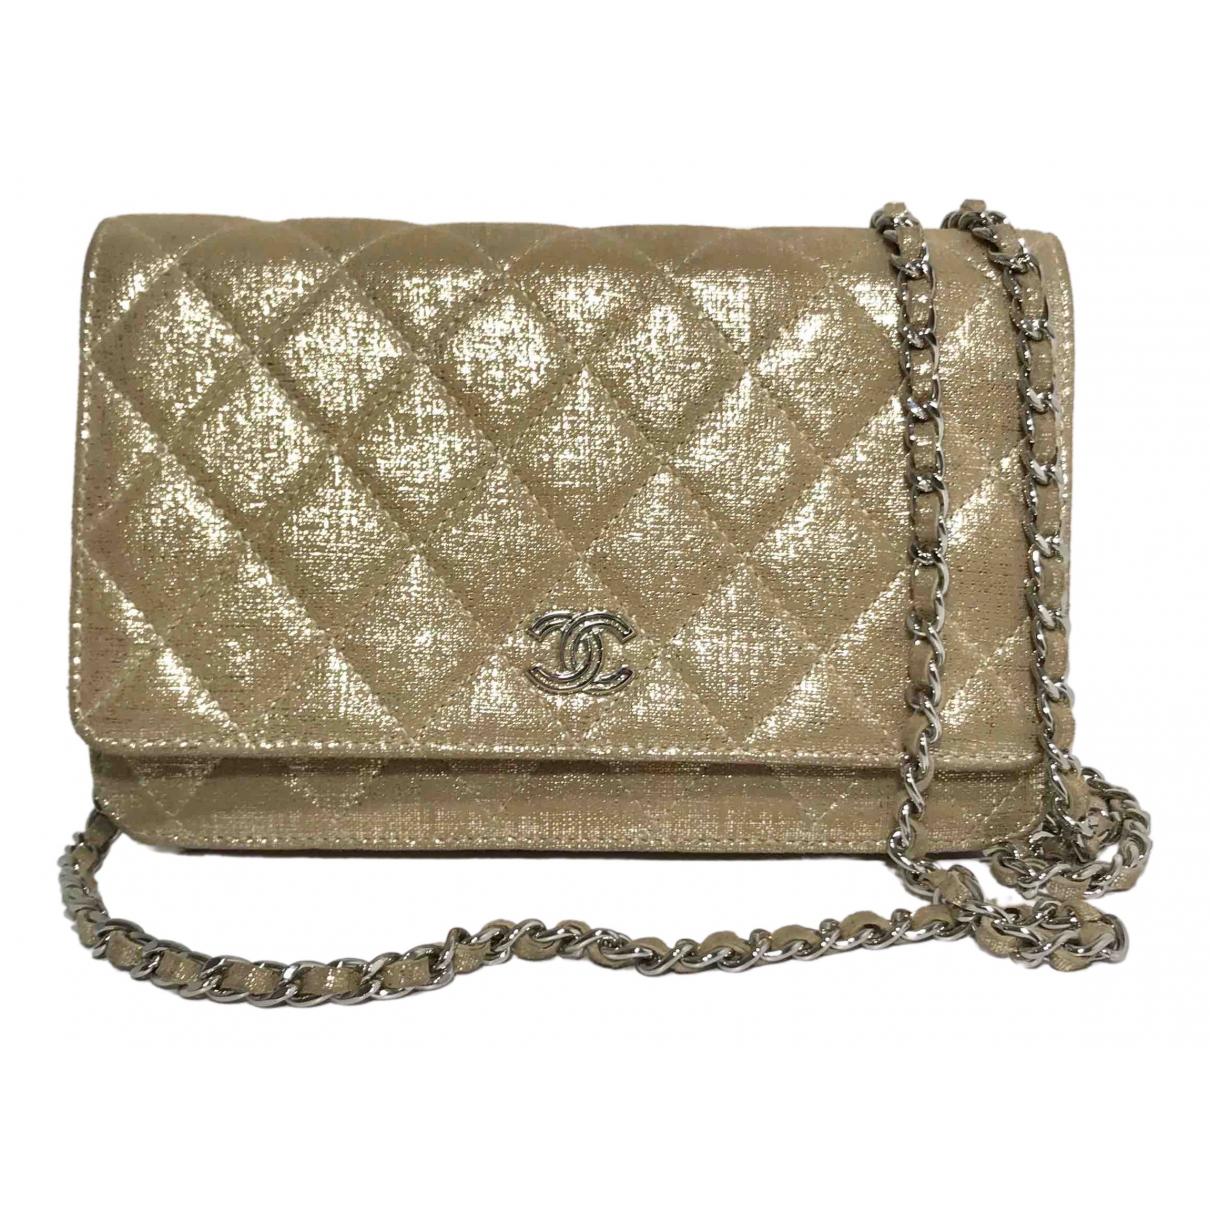 Chanel - Sac a main   pour femme en toile - beige